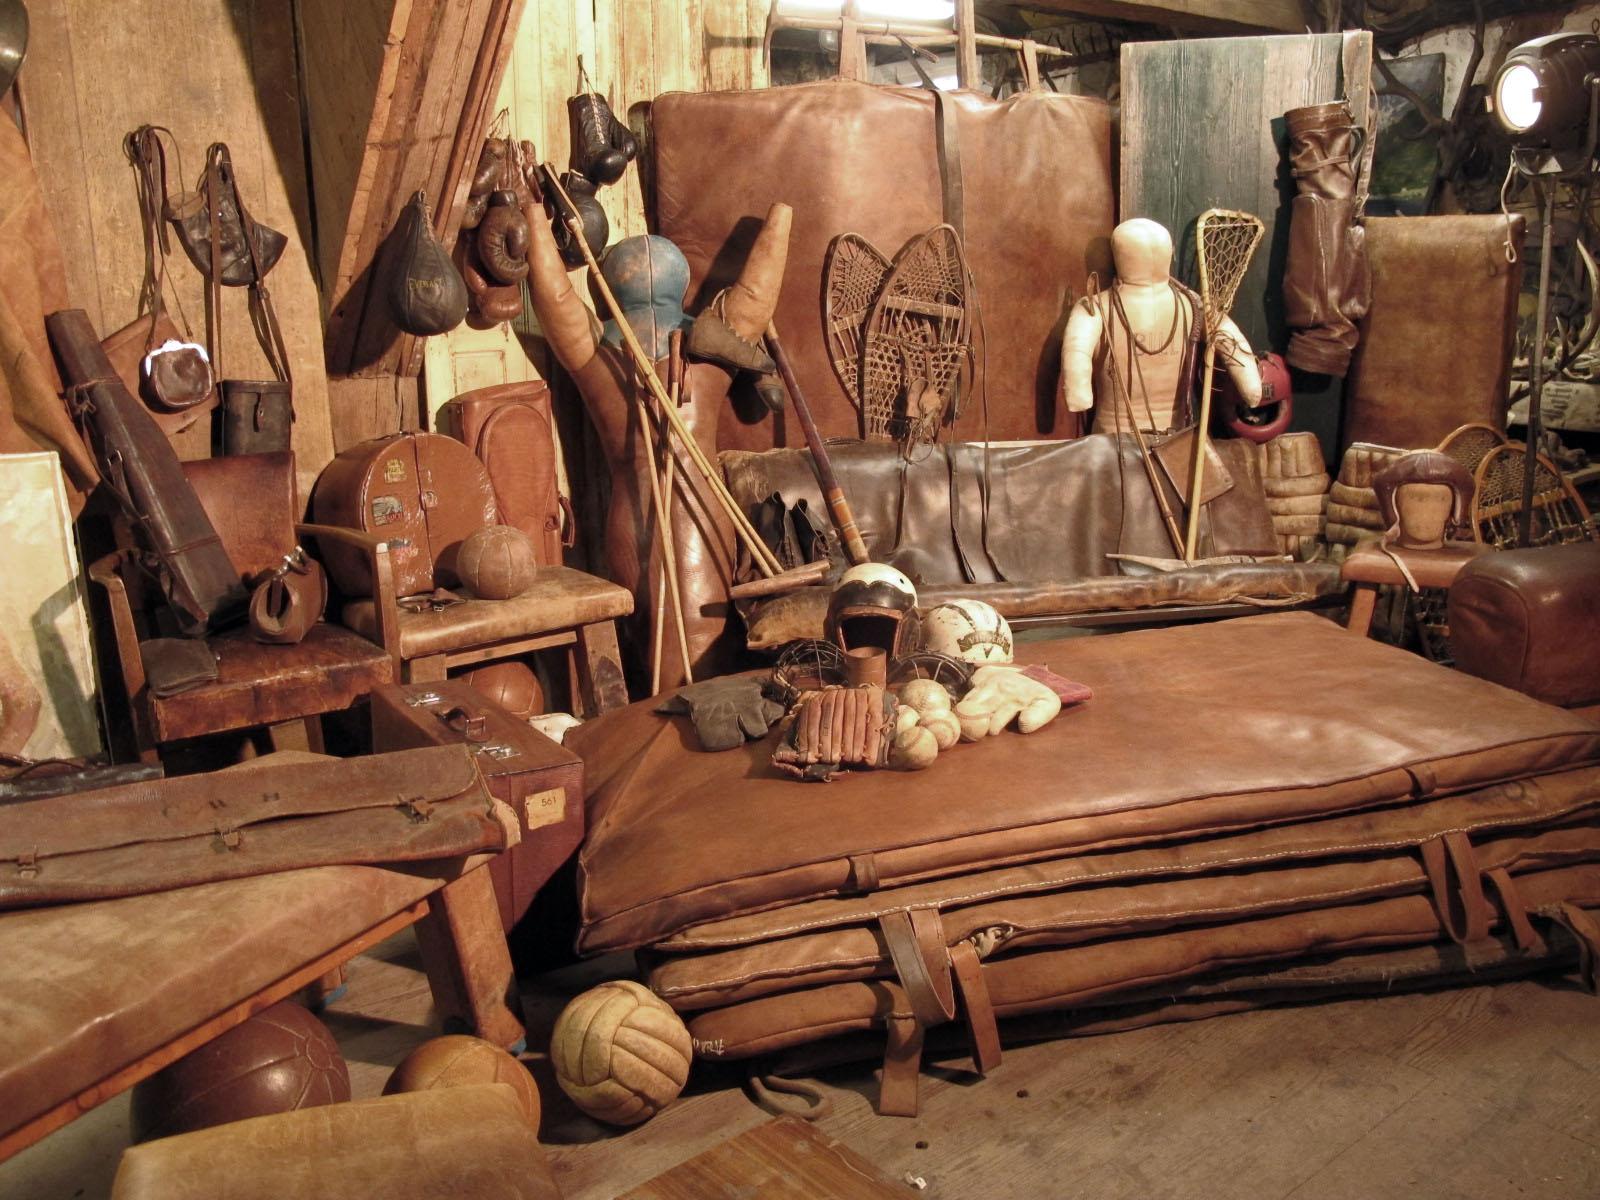 Ledermatten und anderes Leder